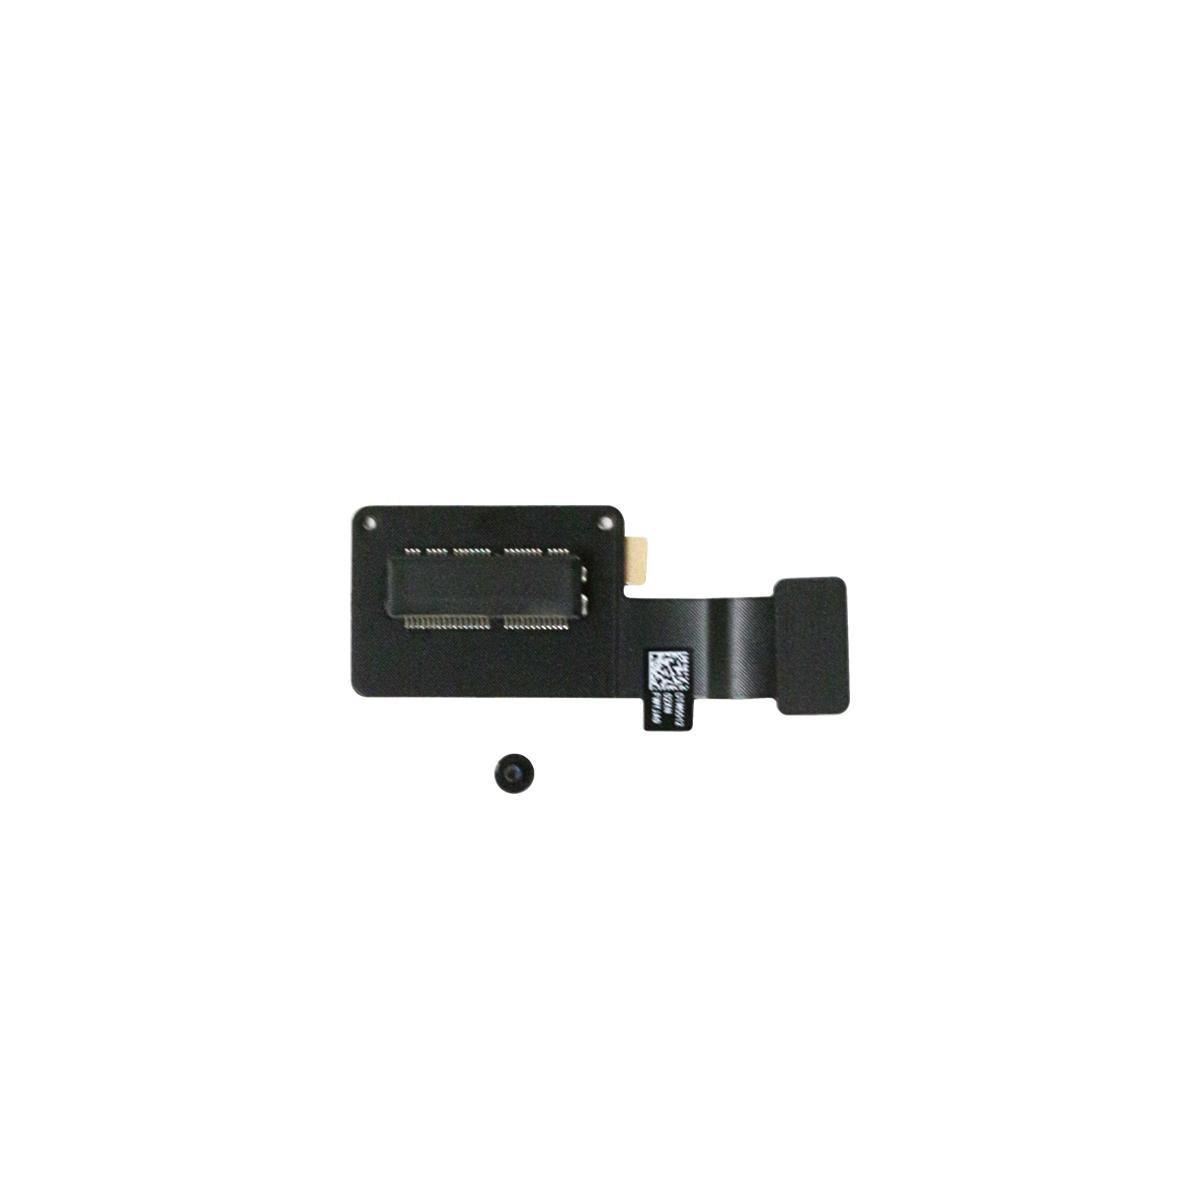 《在庫あり》Mac mini Late 2014用 PCIe SSD増設キット [SSDKIT-MacMini-14PCIe]